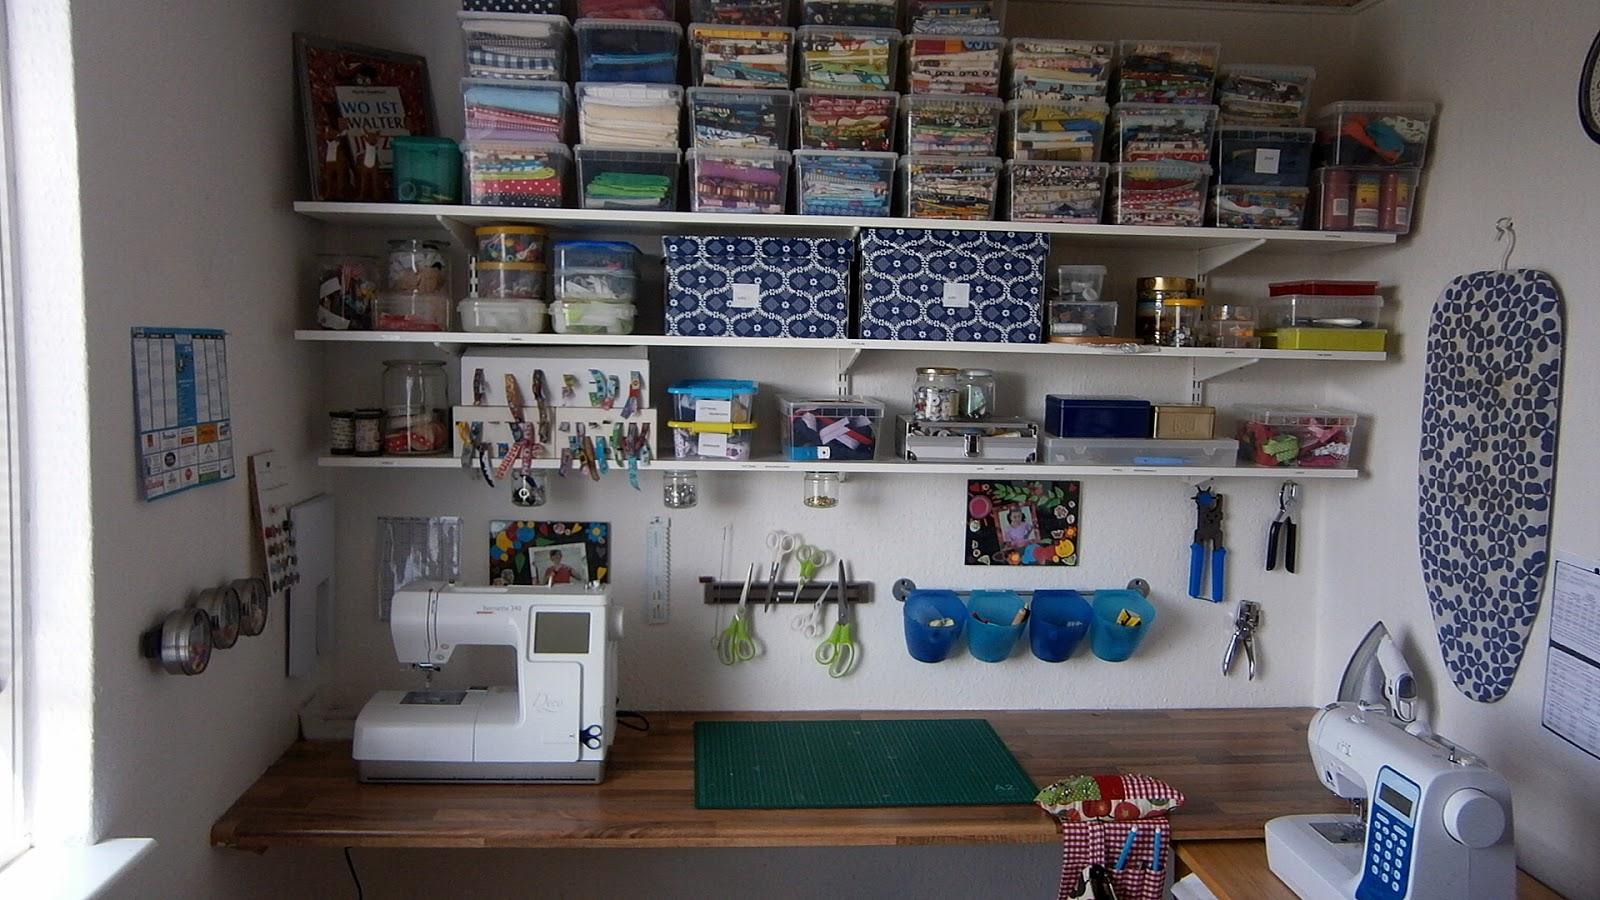 lunaju behind diy blogs ulrikes smaating. Black Bedroom Furniture Sets. Home Design Ideas